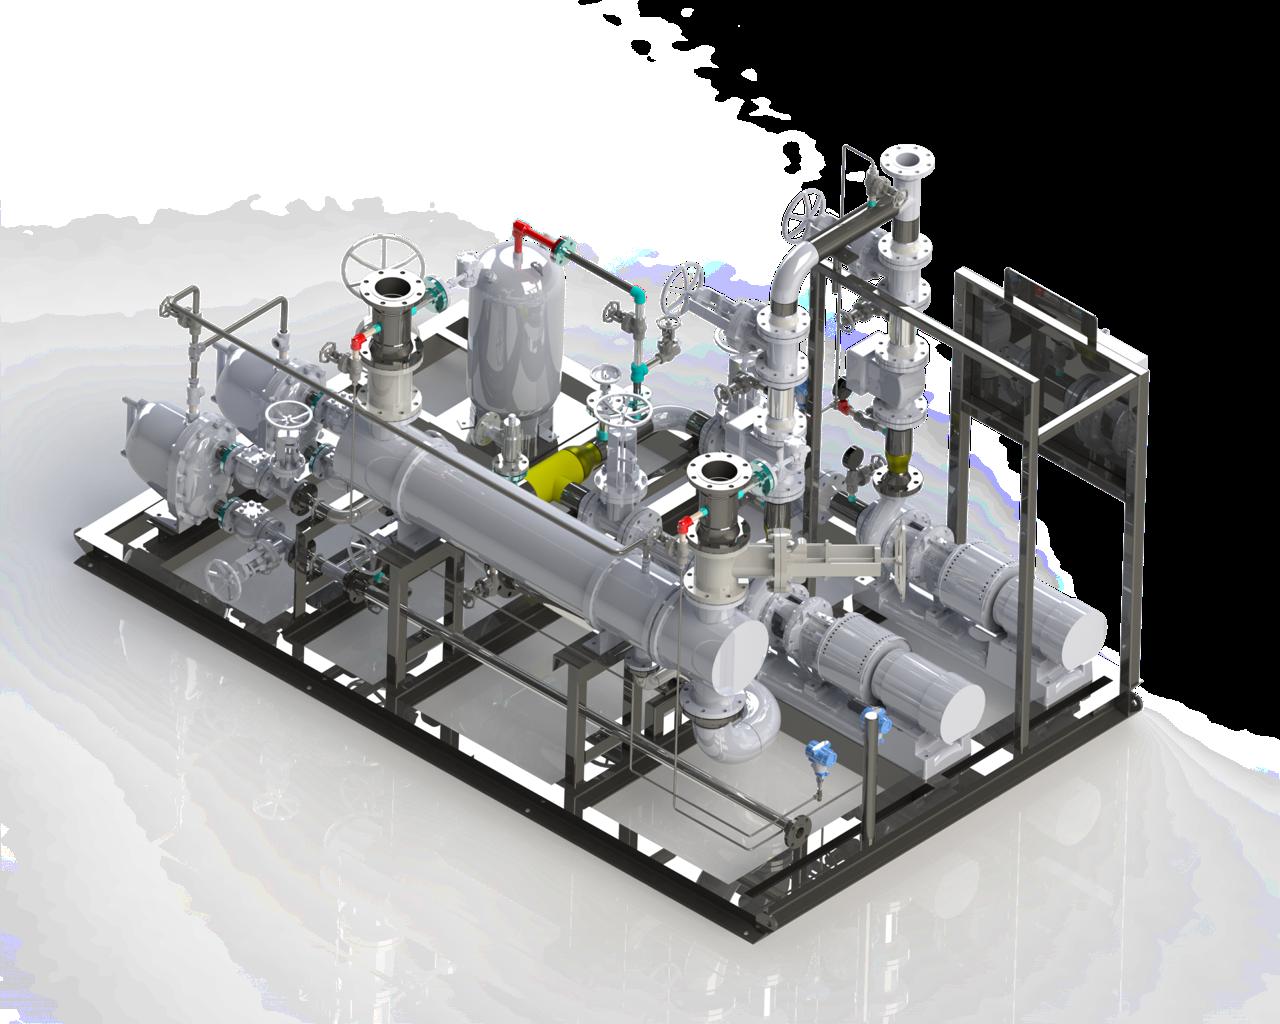 heat exchanger system 3d rendering